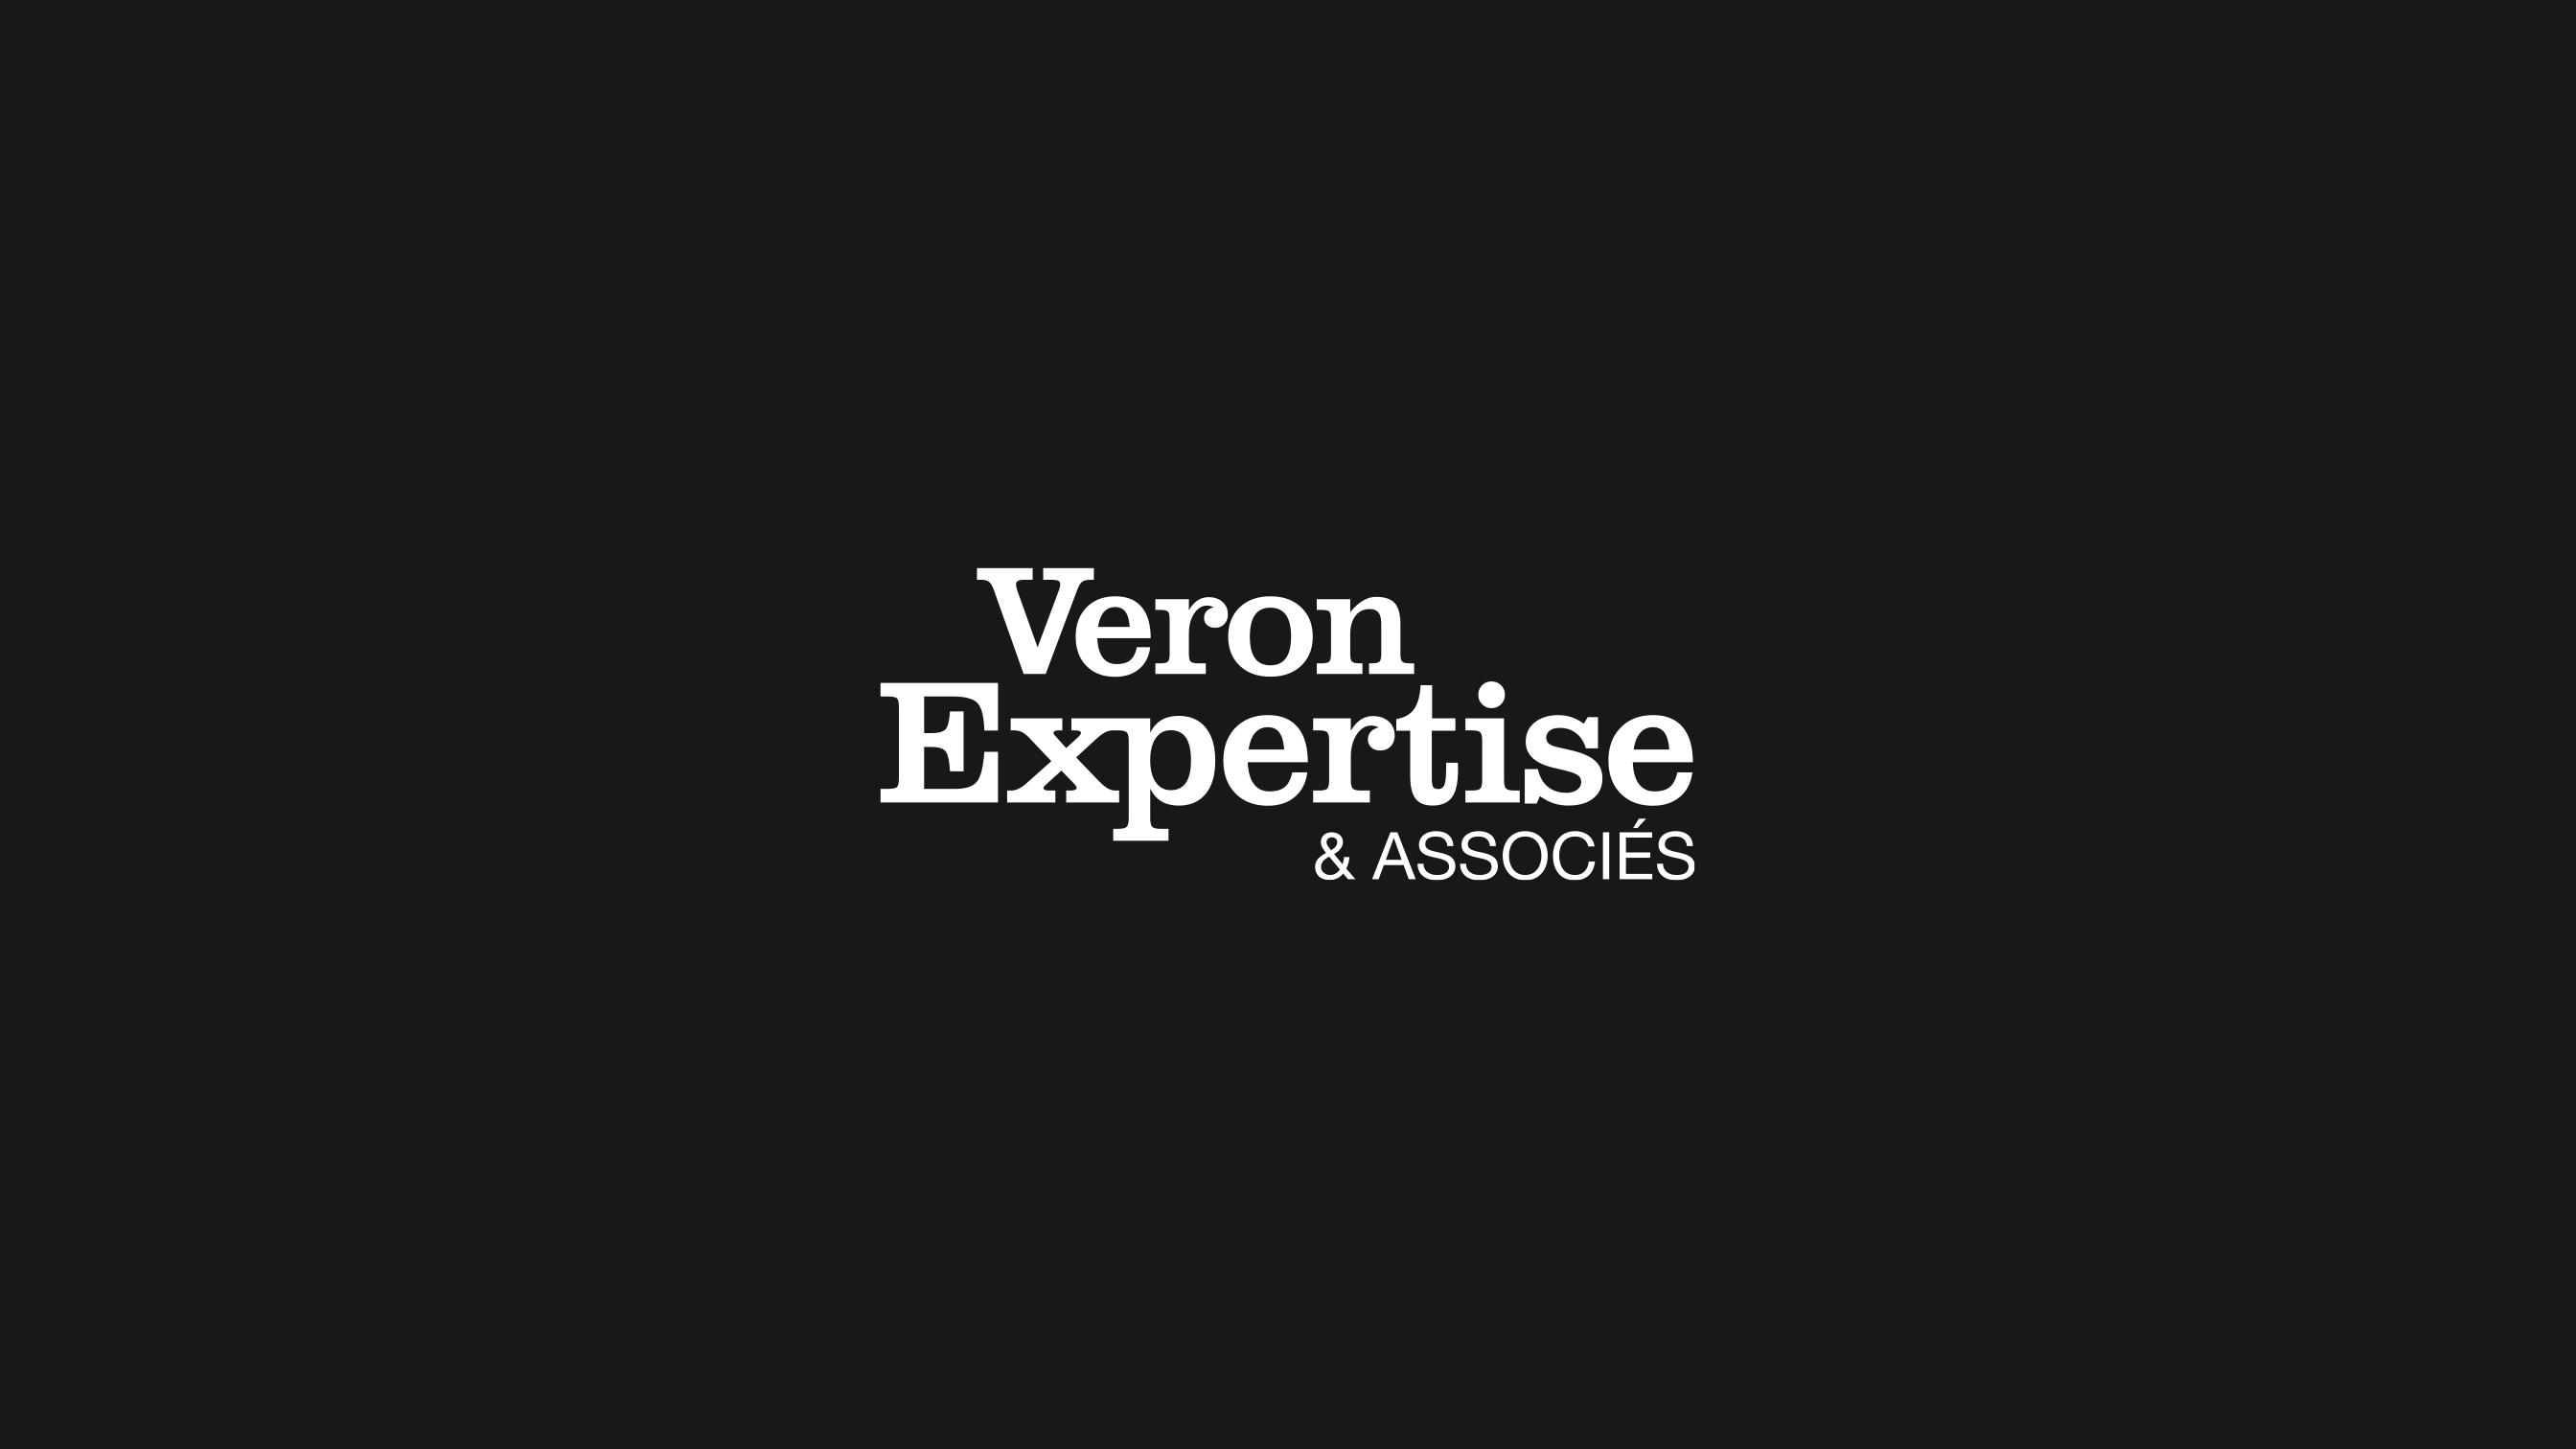 showcase-logotype-veron